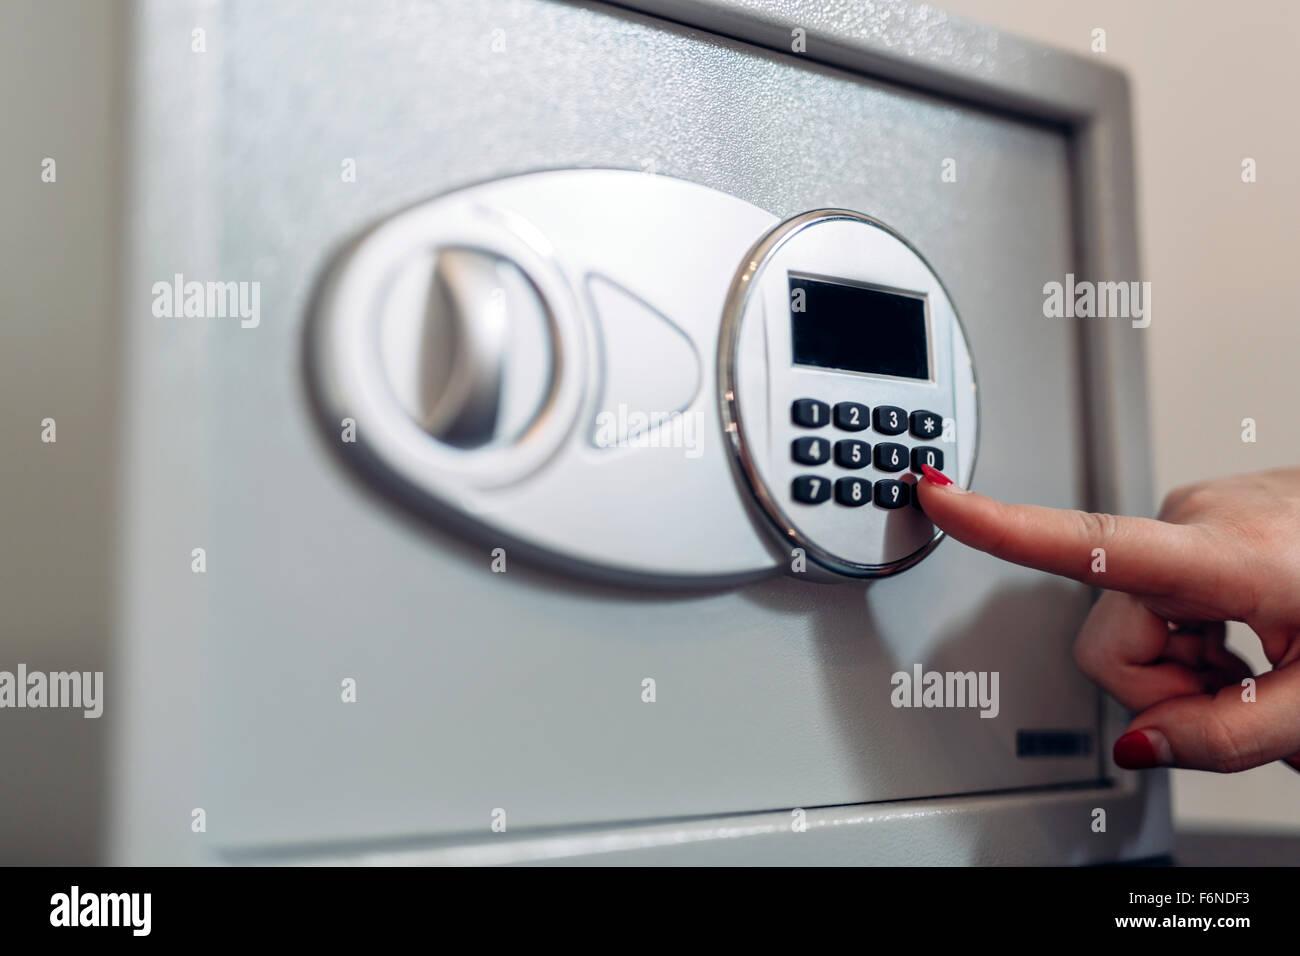 Eröffnung eines sicheren durch Eingabe Sicherheitscode Stockbild